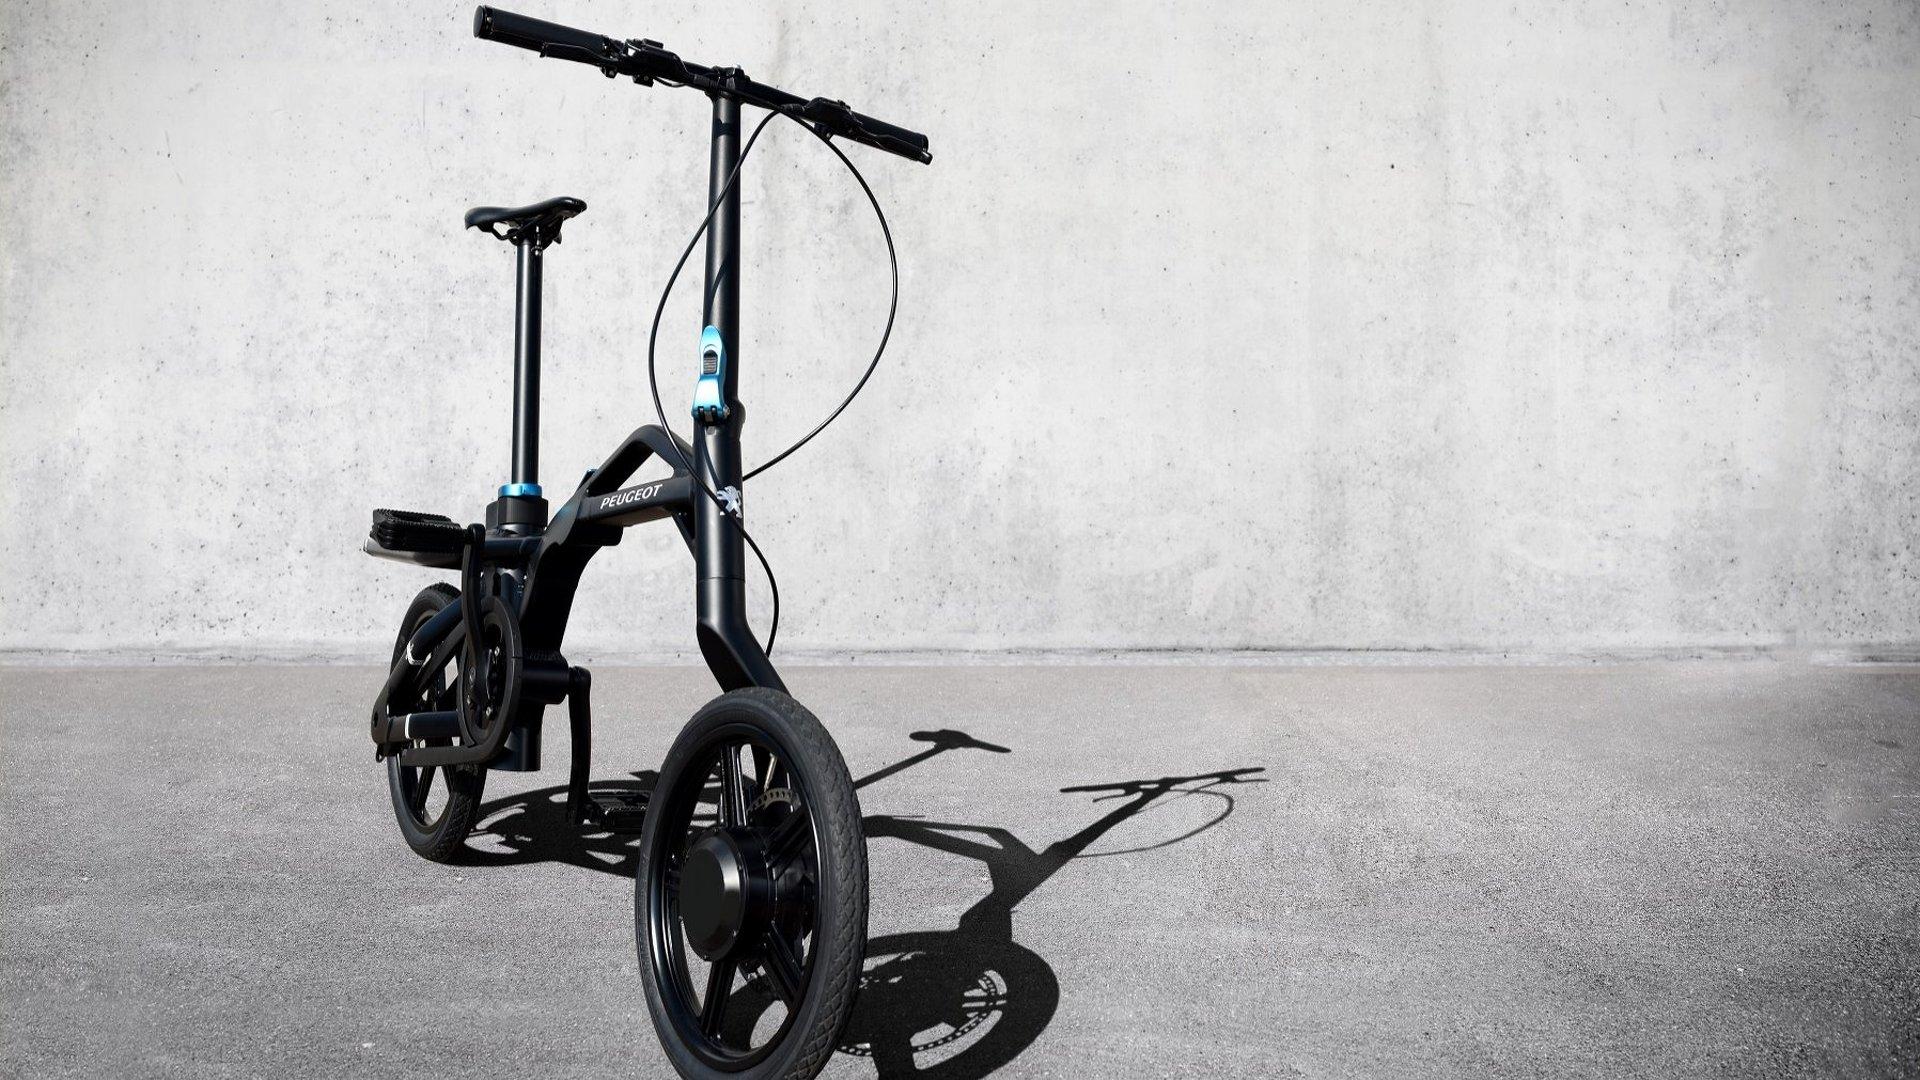 peugeot ef01 electric folding bike revealed. Black Bedroom Furniture Sets. Home Design Ideas